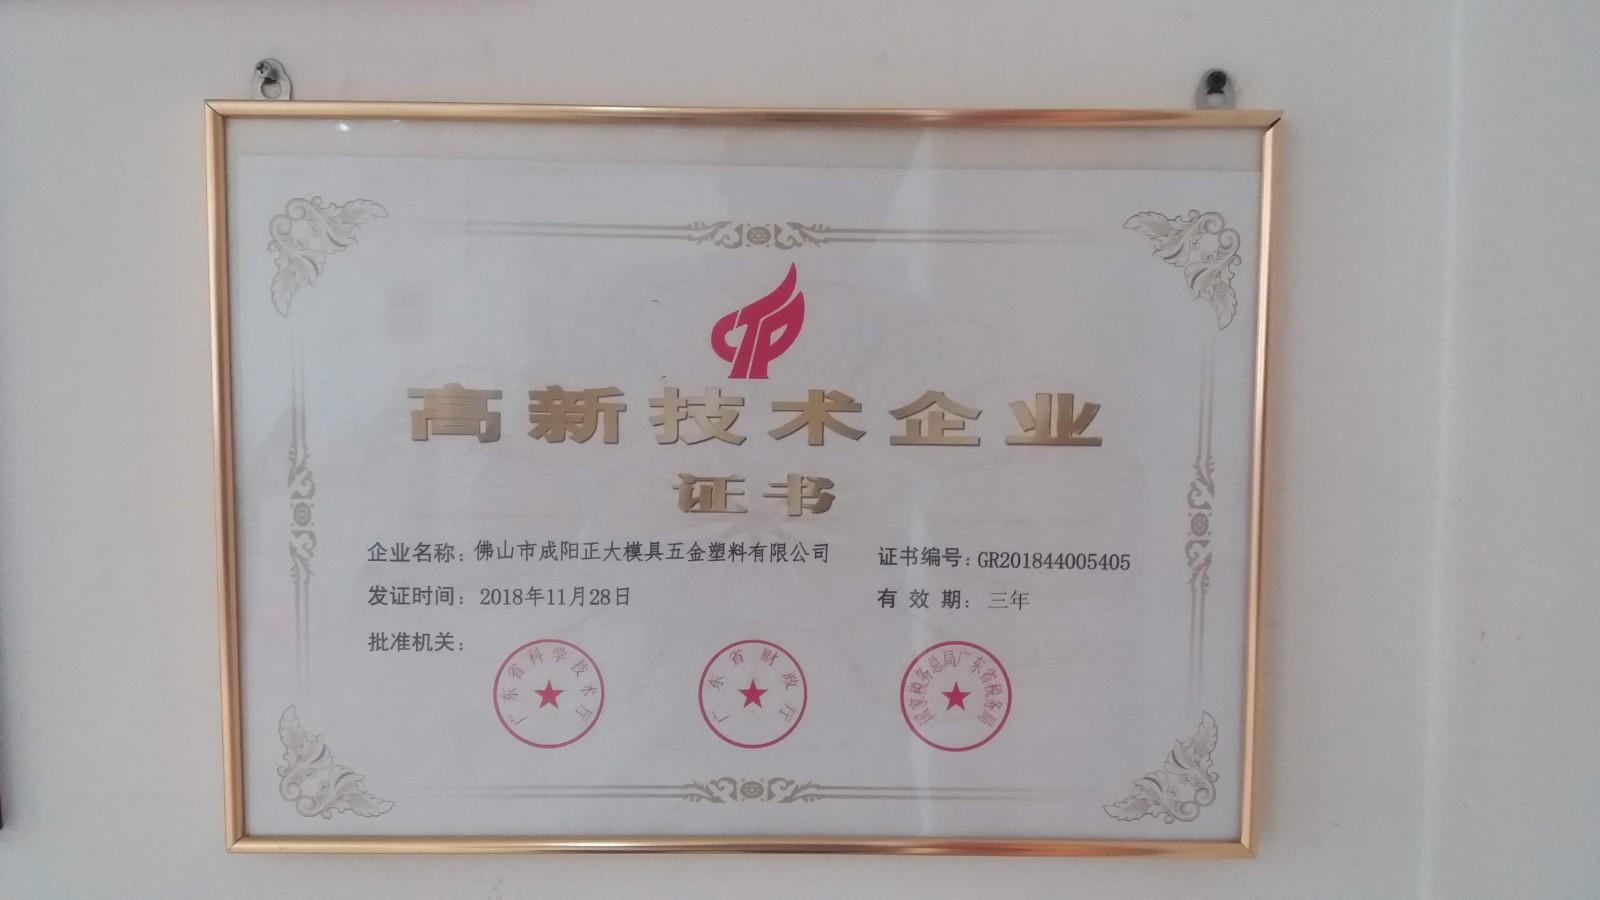 千赢娱乐国际手机客户端正大高新技术企业证书1.jpg